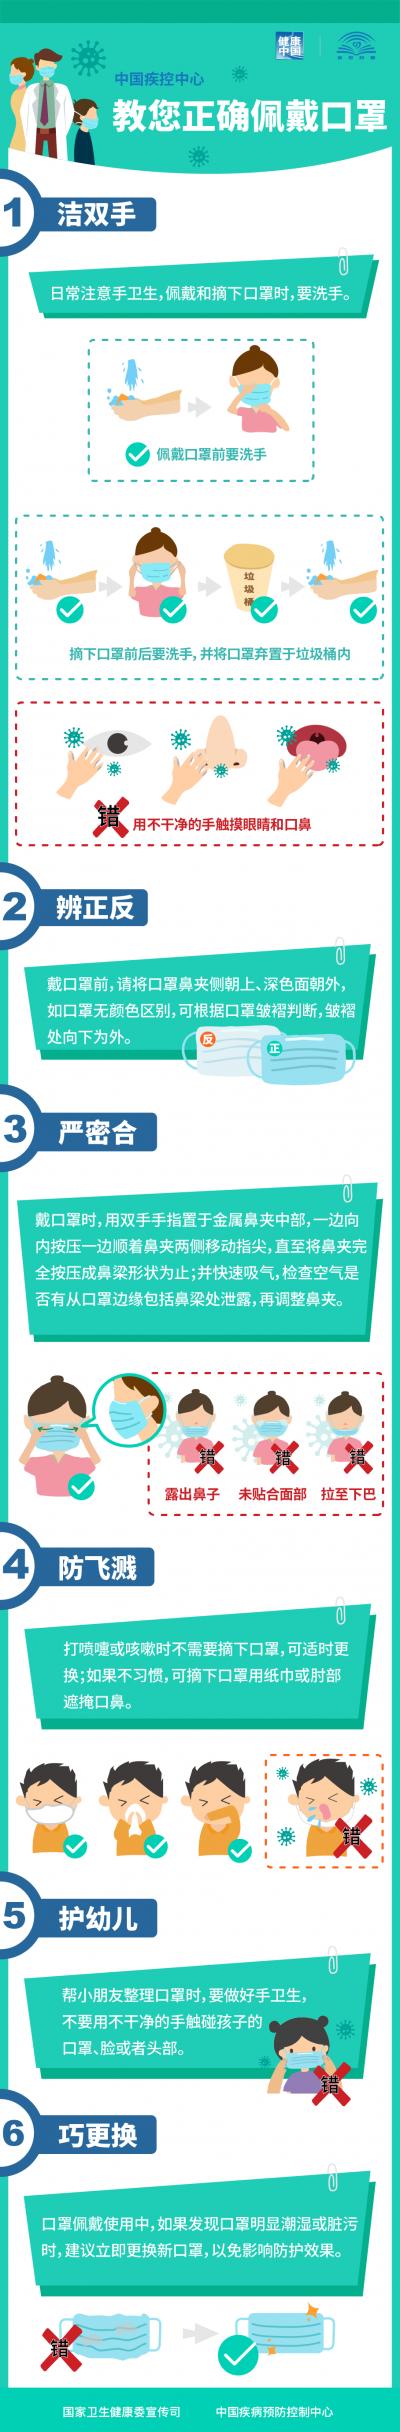 【健康科普】中国疾控中心教您正确佩戴口罩